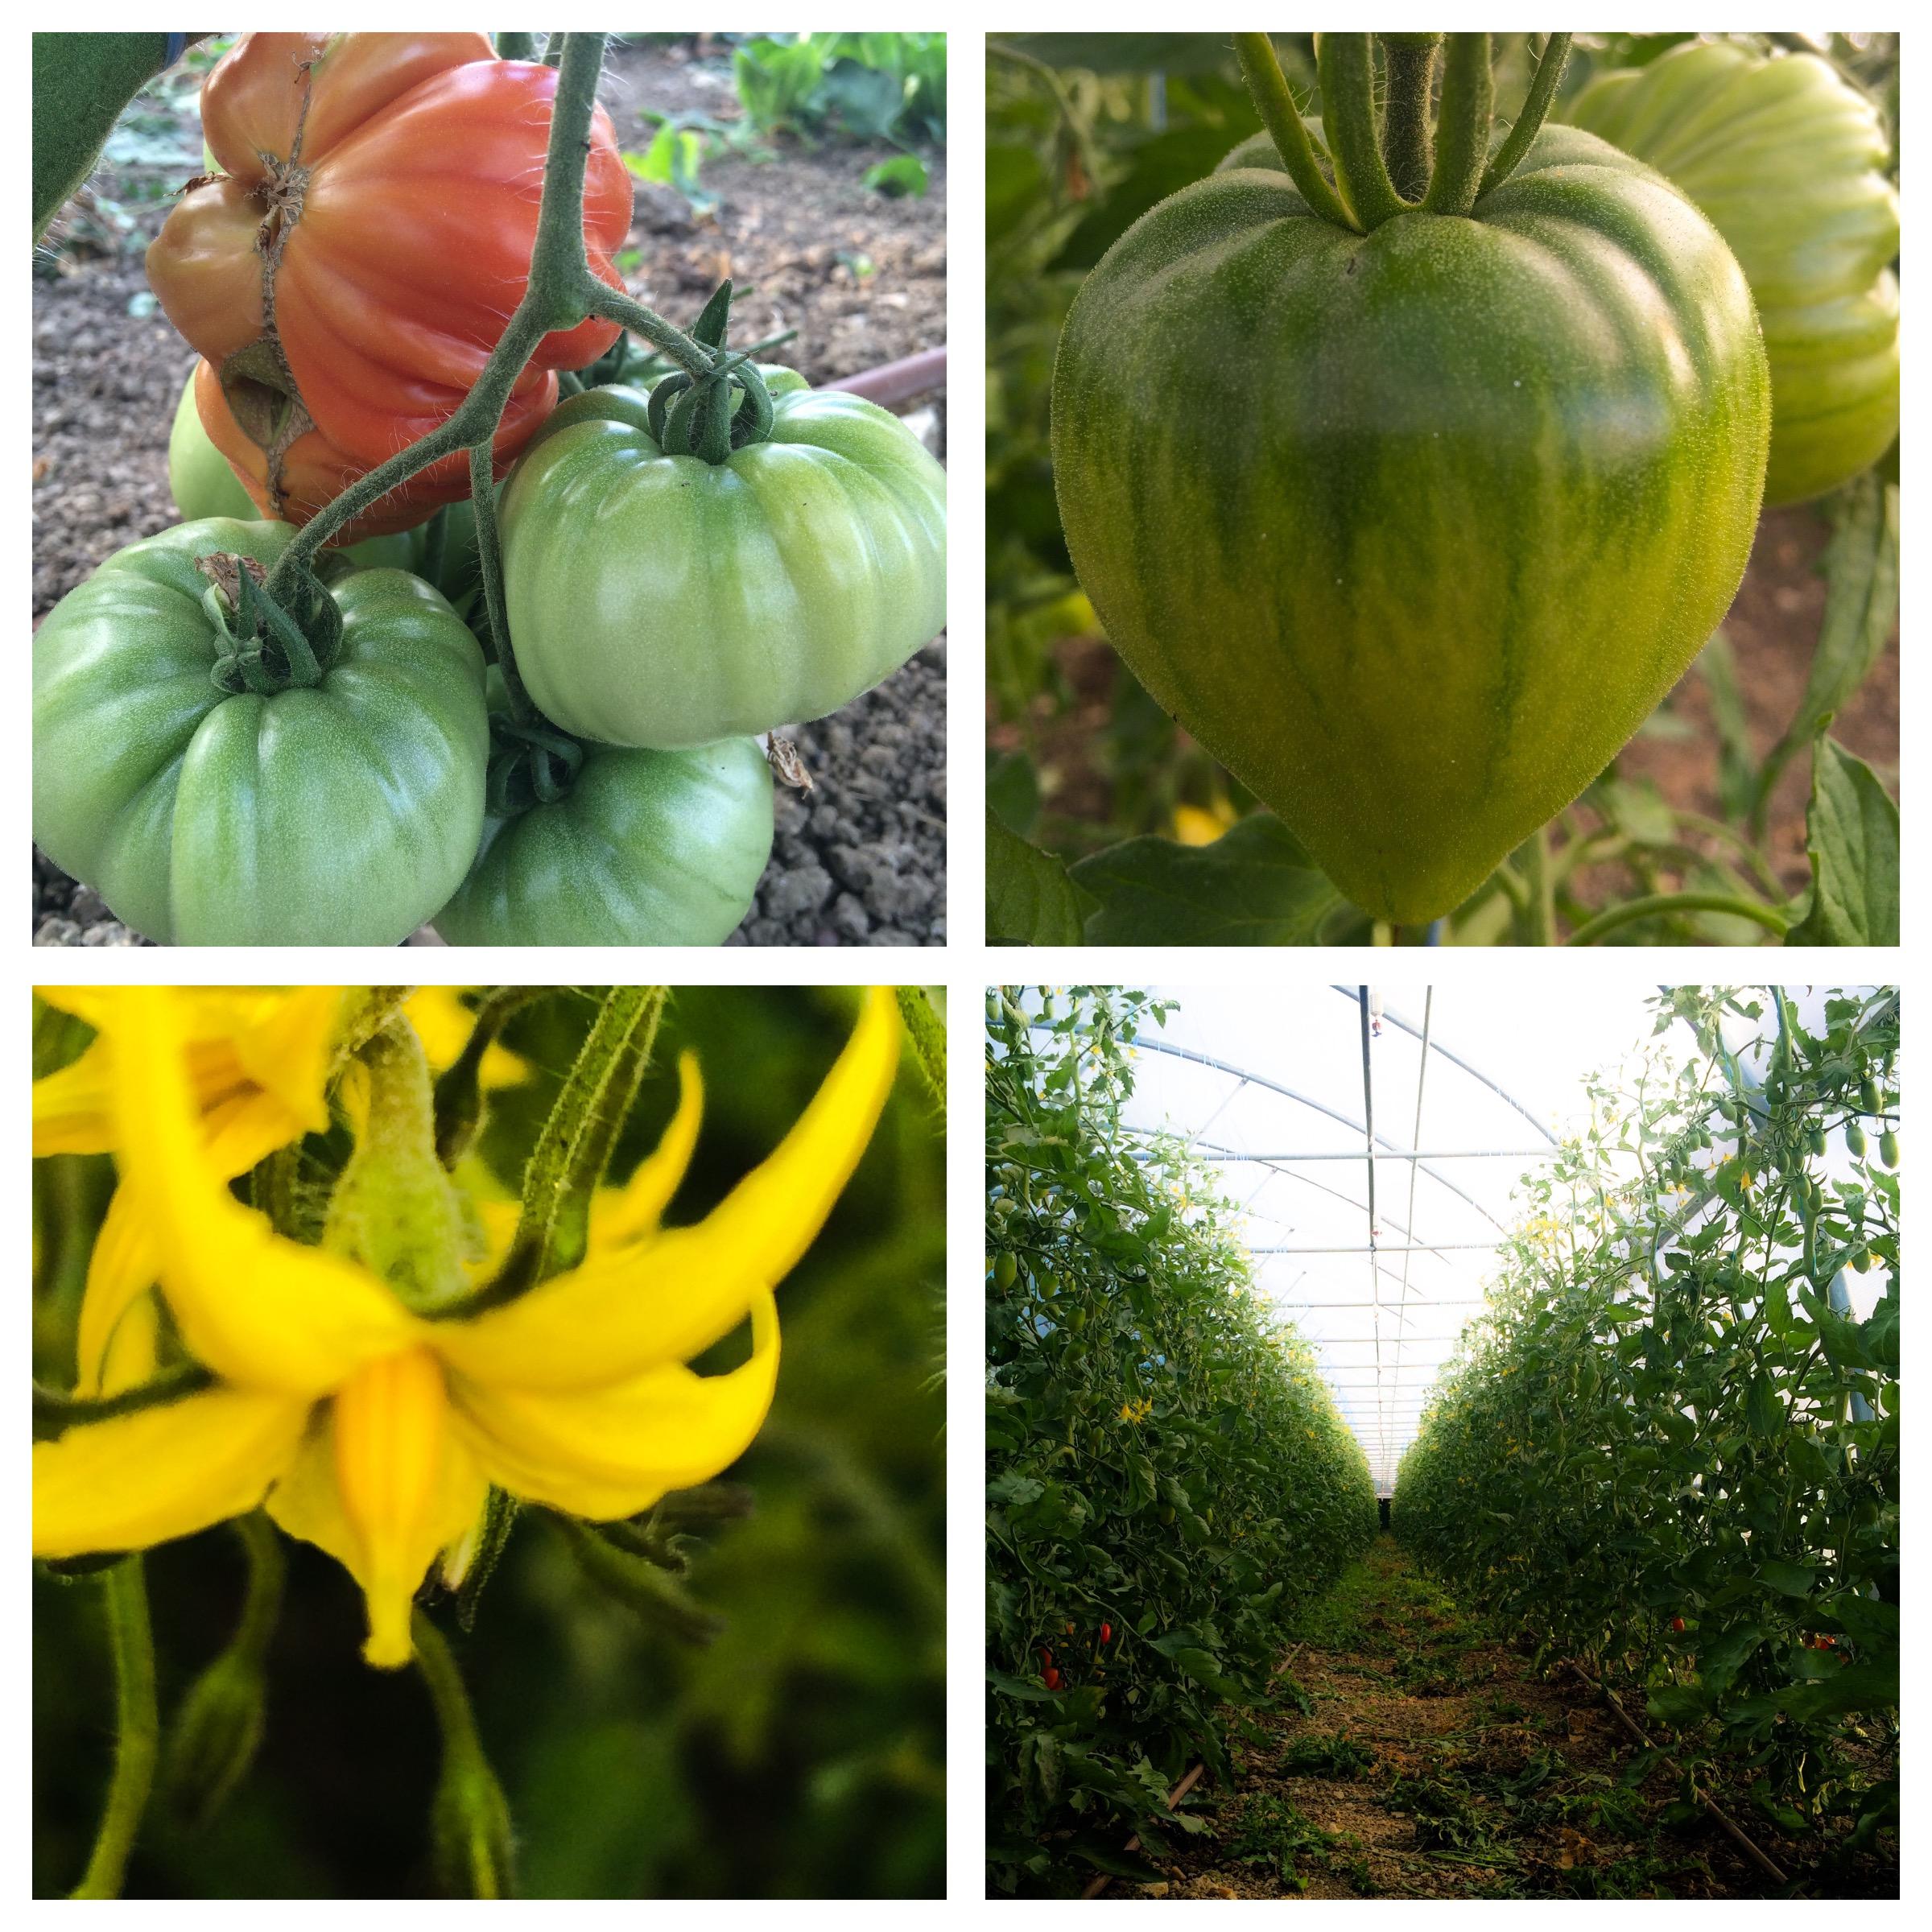 Les tomates sous serres, fleurs et fruits.